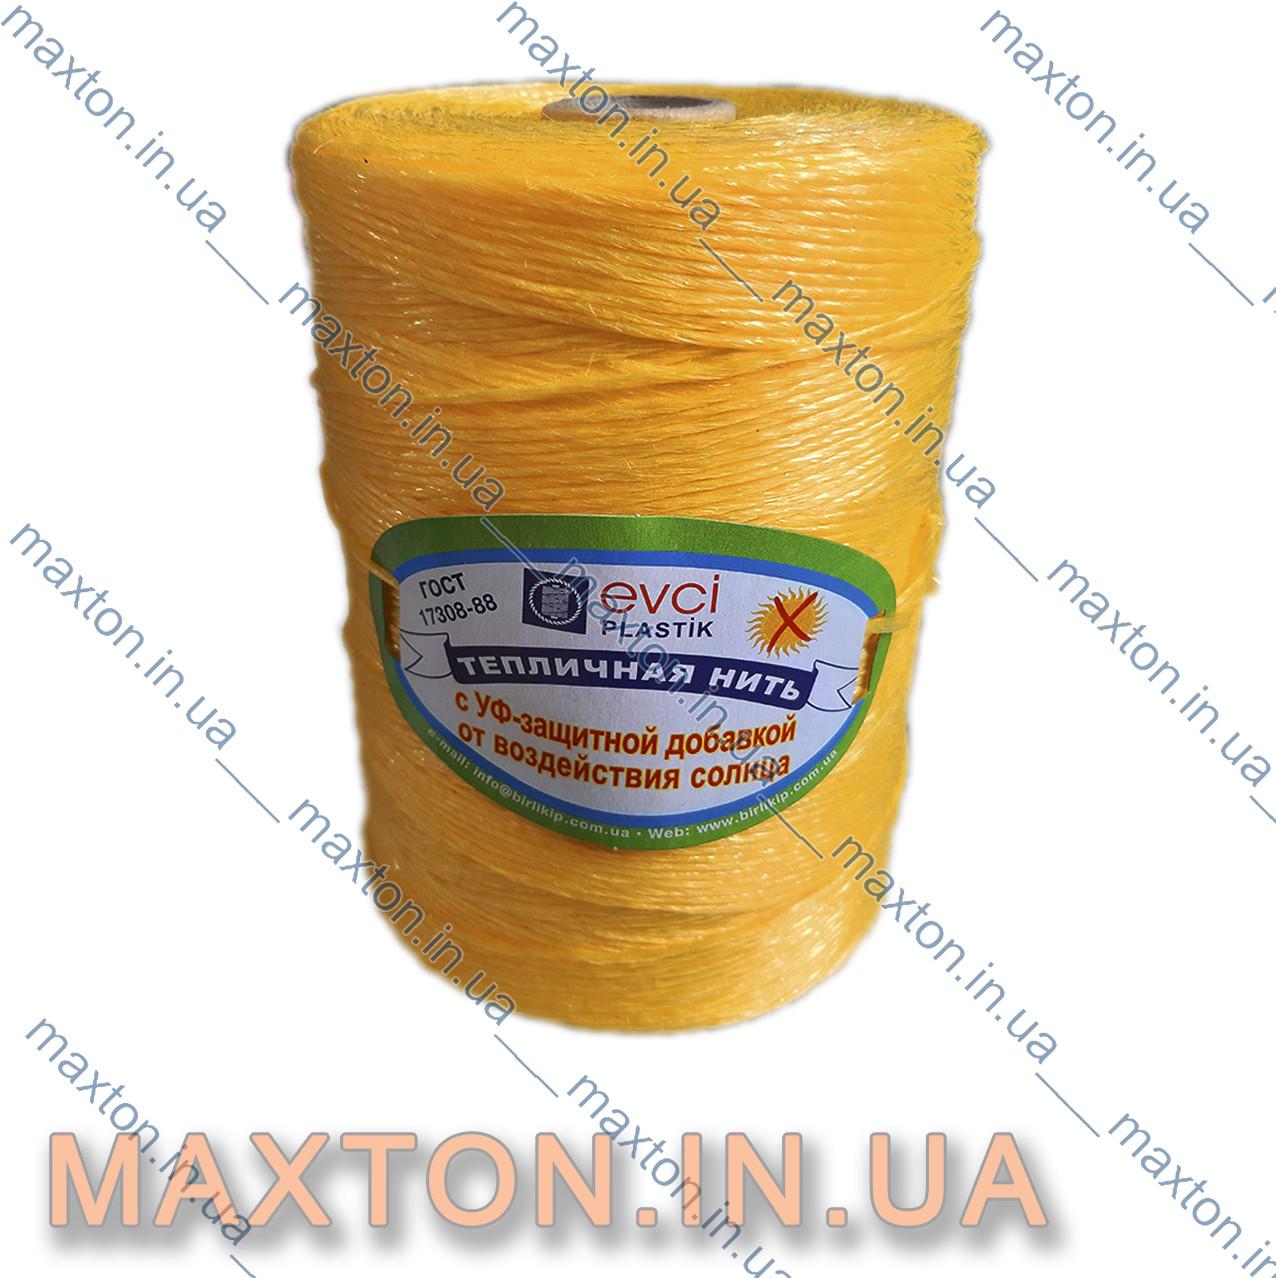 Шпагат подвязочный 700 грамм нить полипропиленовая с защитой от ультрафиолета желтый